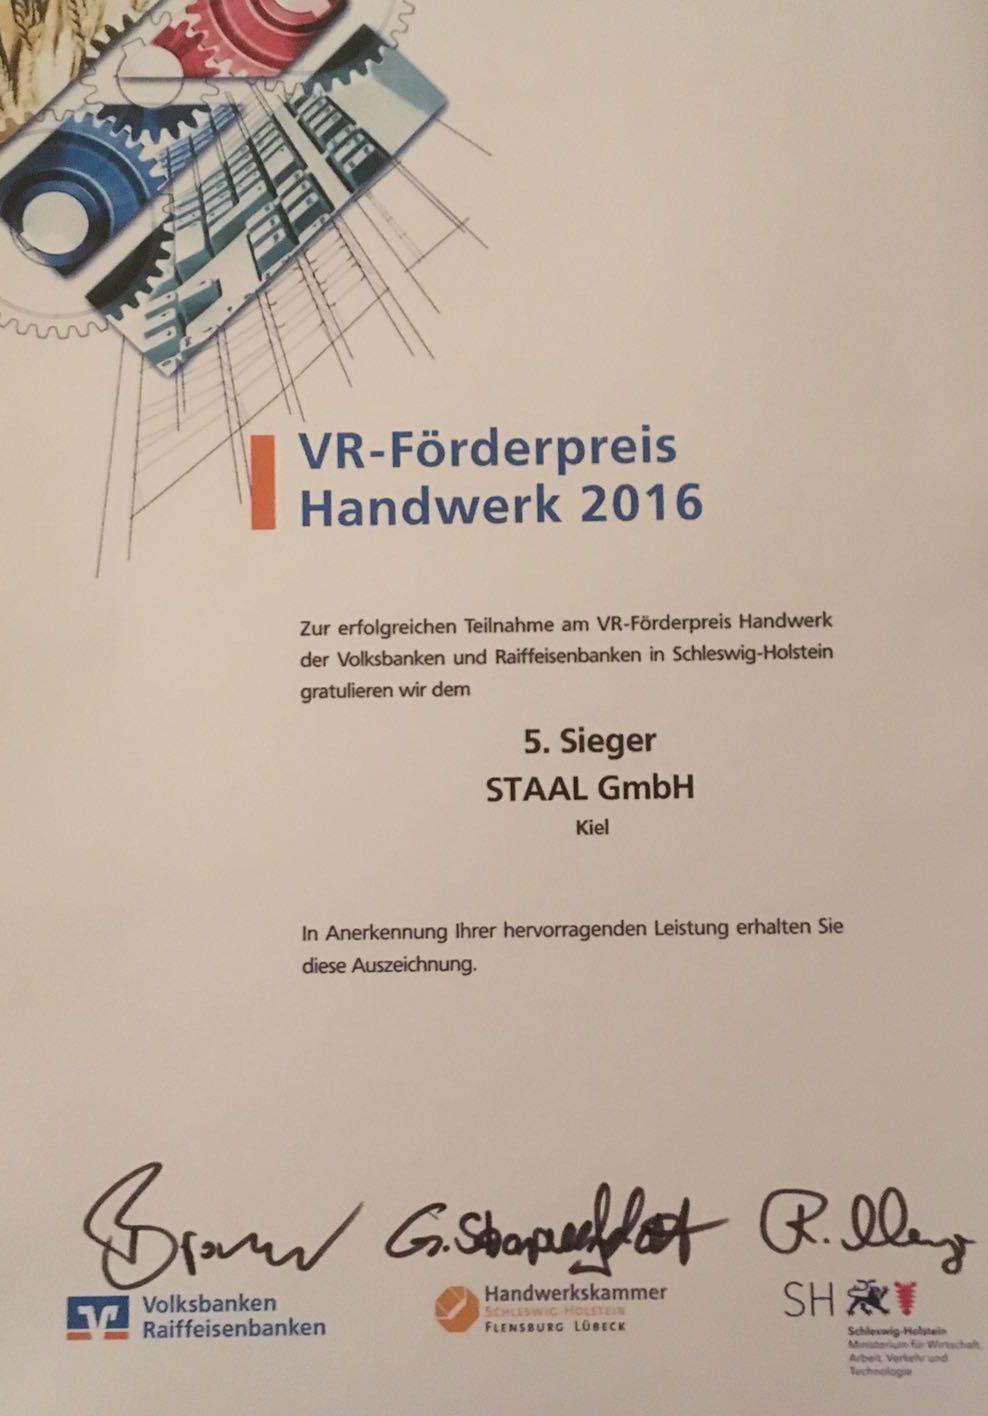 VR-Förderpreis Handwerk 2016